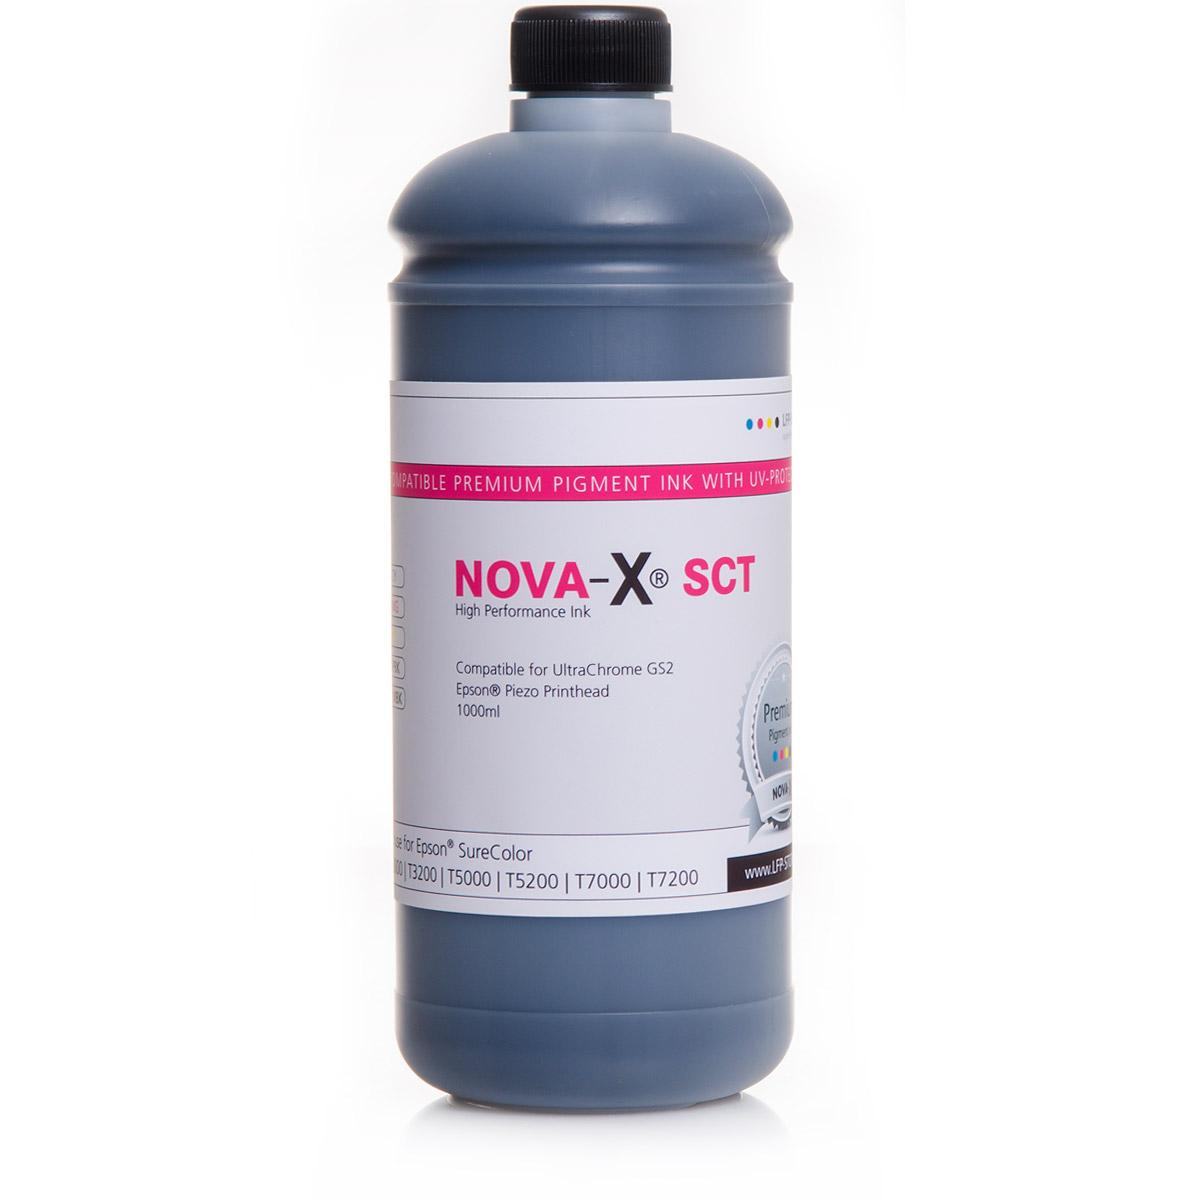 1L NOVA-X® SCT Tinte kompatibel Epson® SureColor SC T3200 T5200 T7200